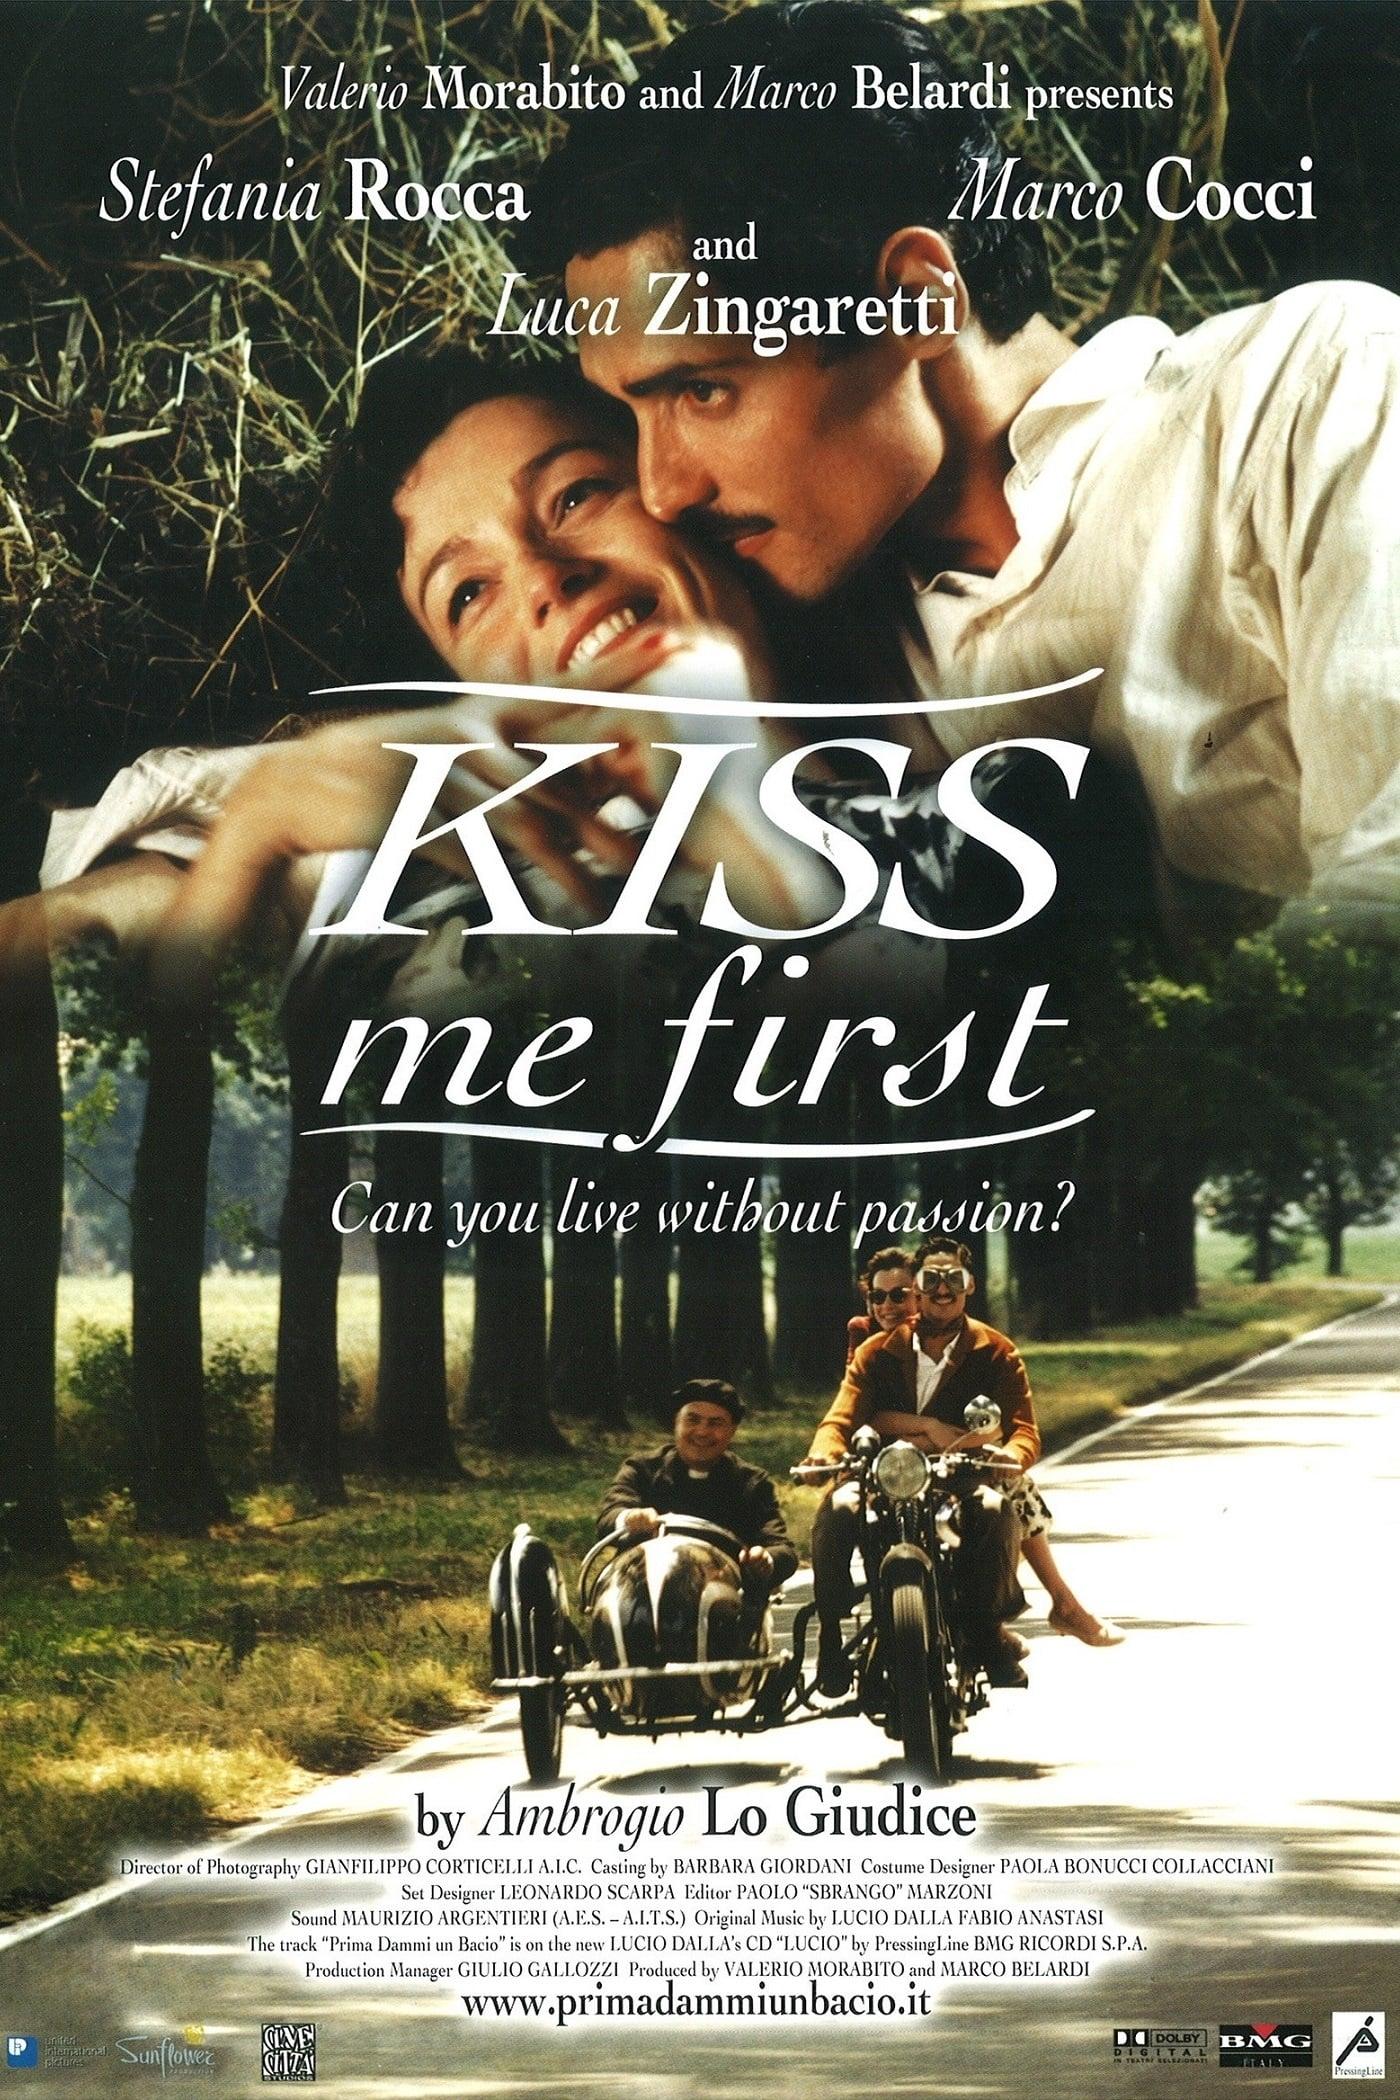 Prima dammi un bacio